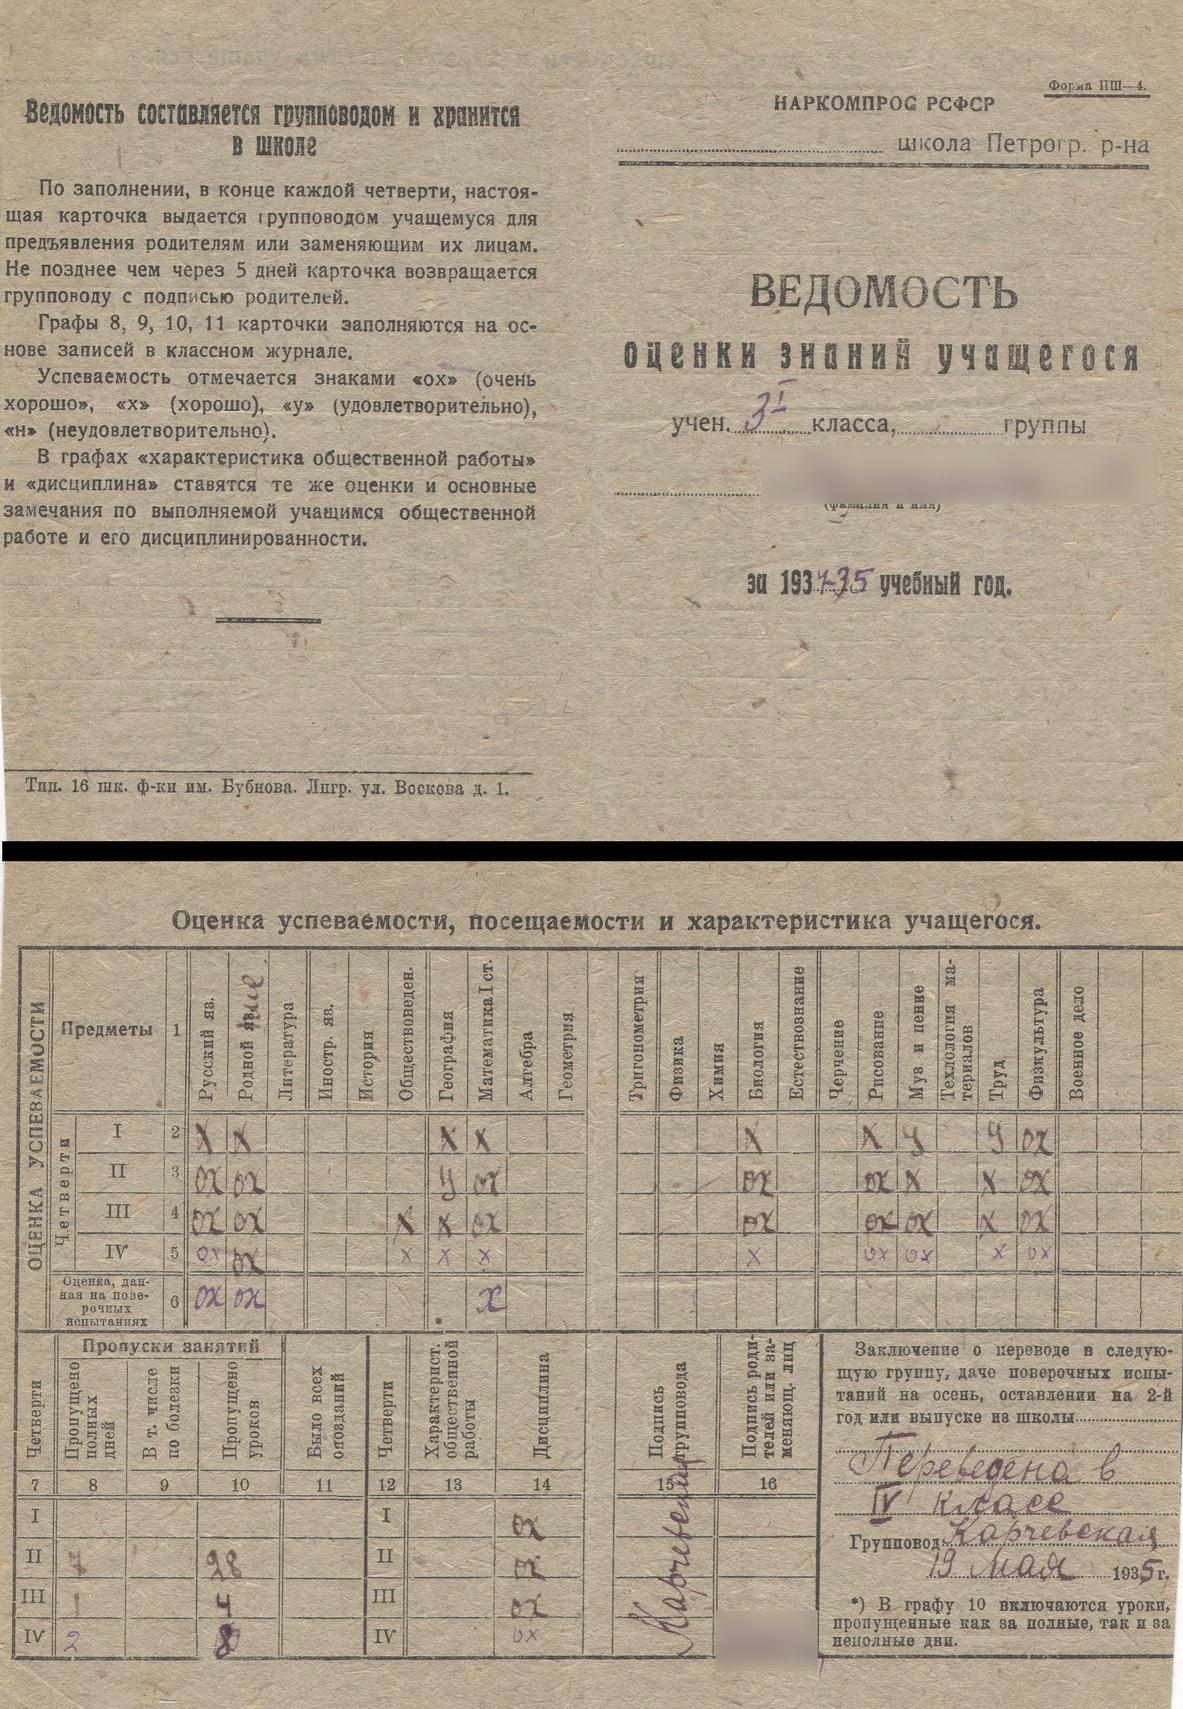 Tabel - 1934-35 - 3 klass_resize